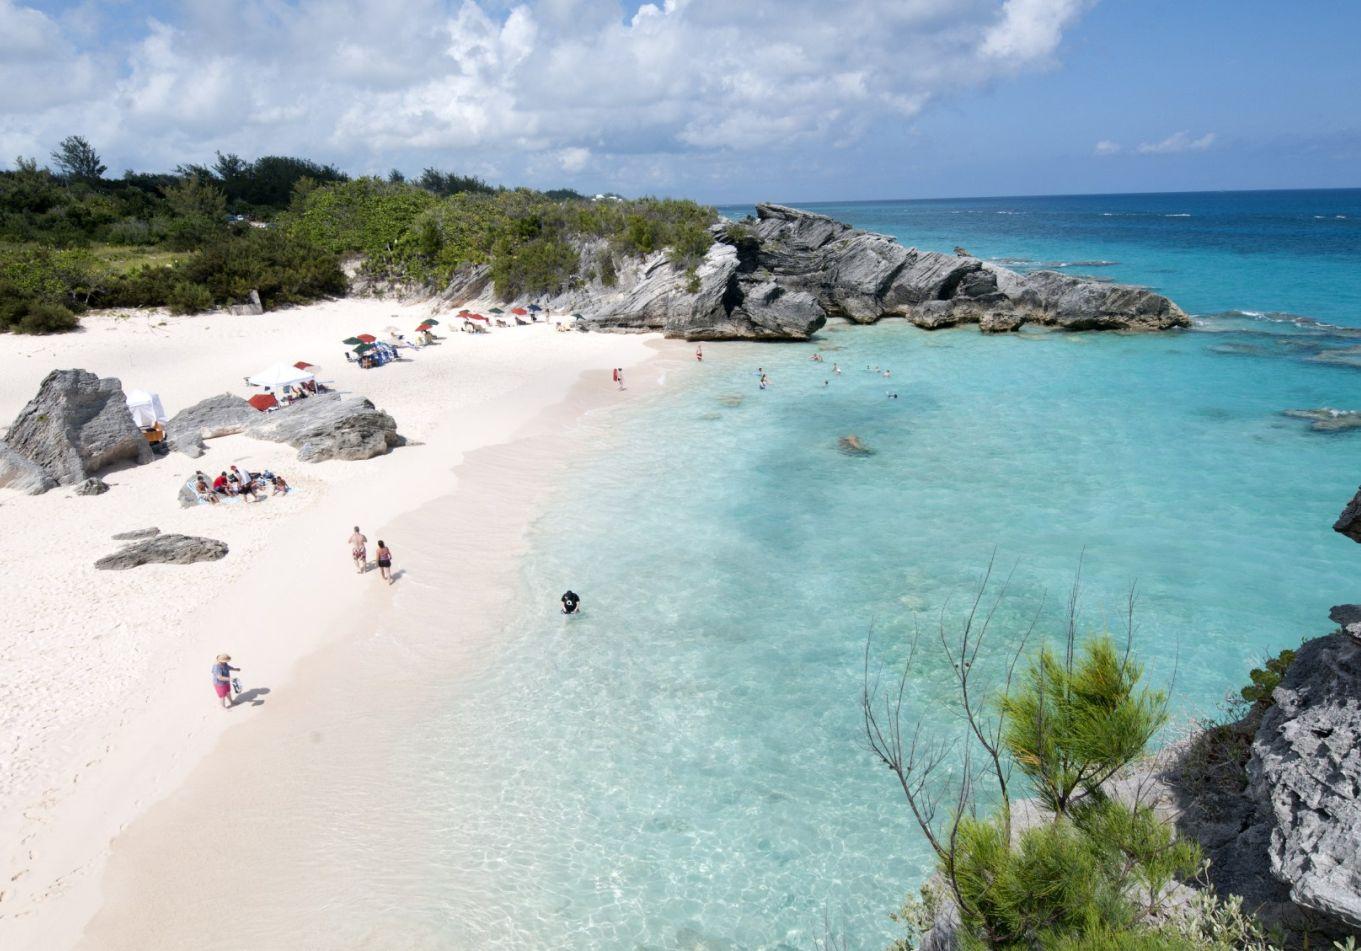 Bermuda Holidays Honeymoon PackagesBook In PackagesBook Bermuda Holidays Bermuda Honeymoon In oerdCxB